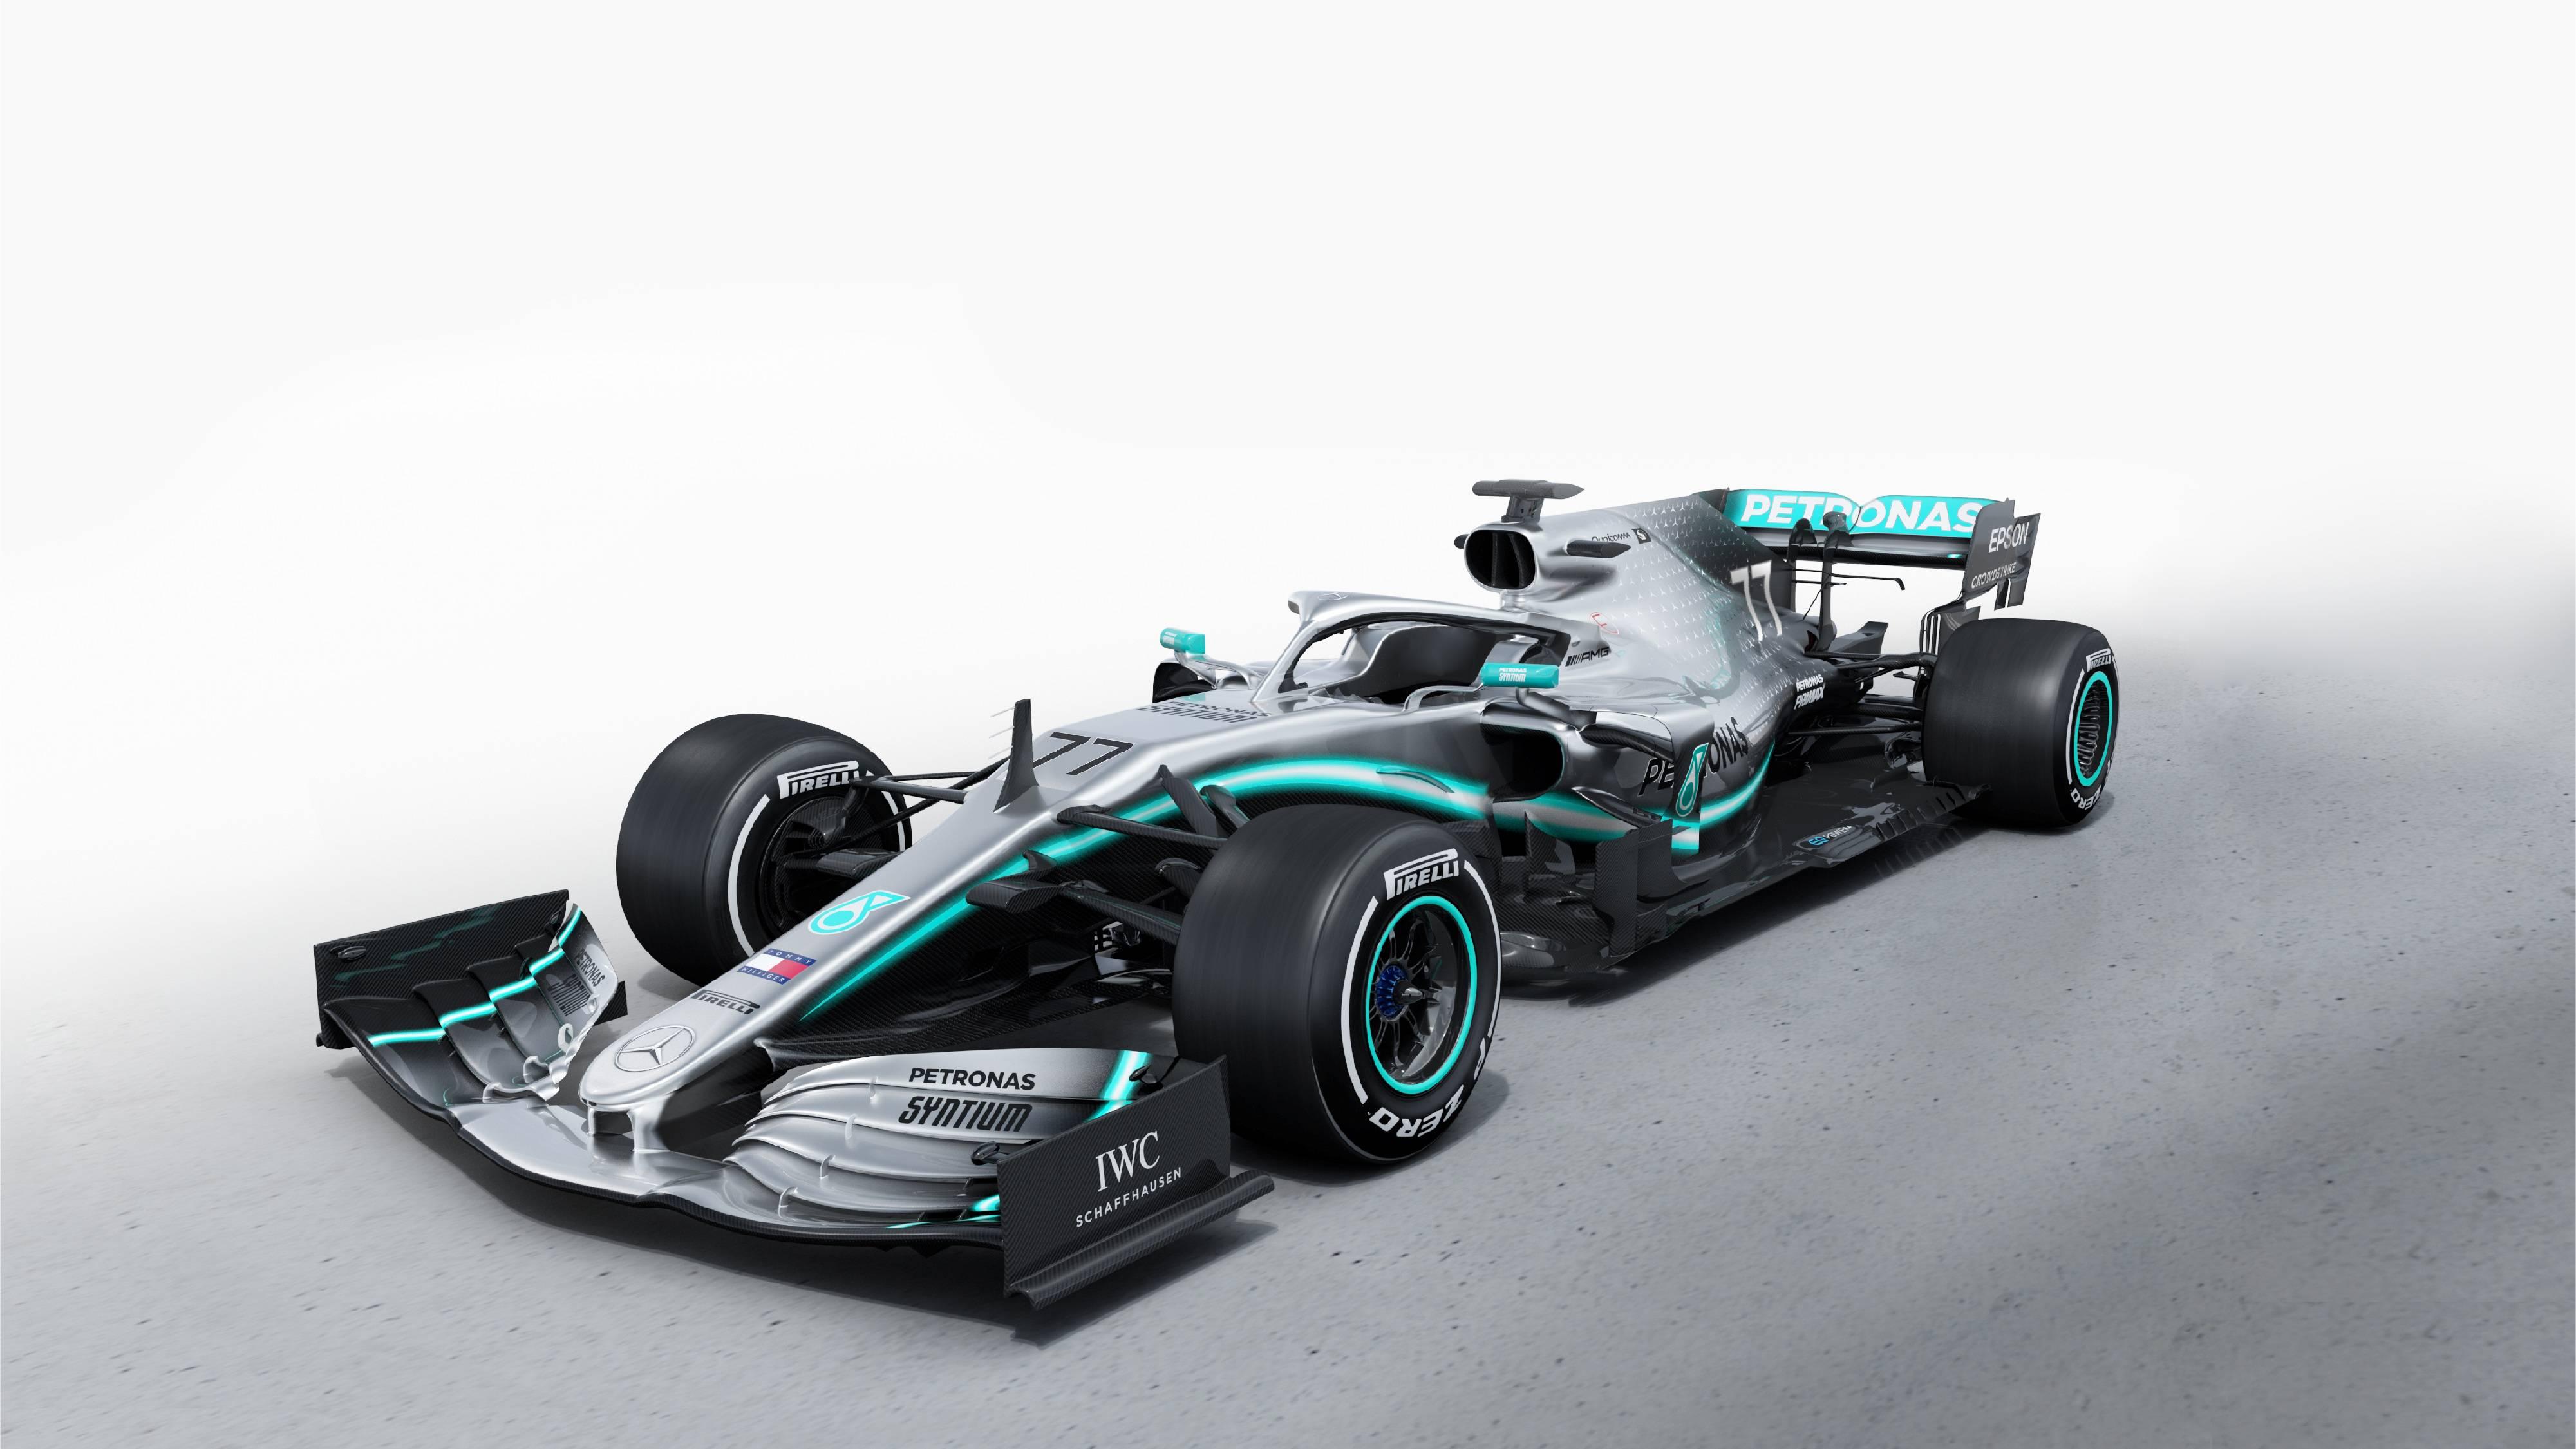 MaistoTech 81382 F1 Mercedes AMG Petronas W10 '19 (Maßstab 1:24) ferngesteuert